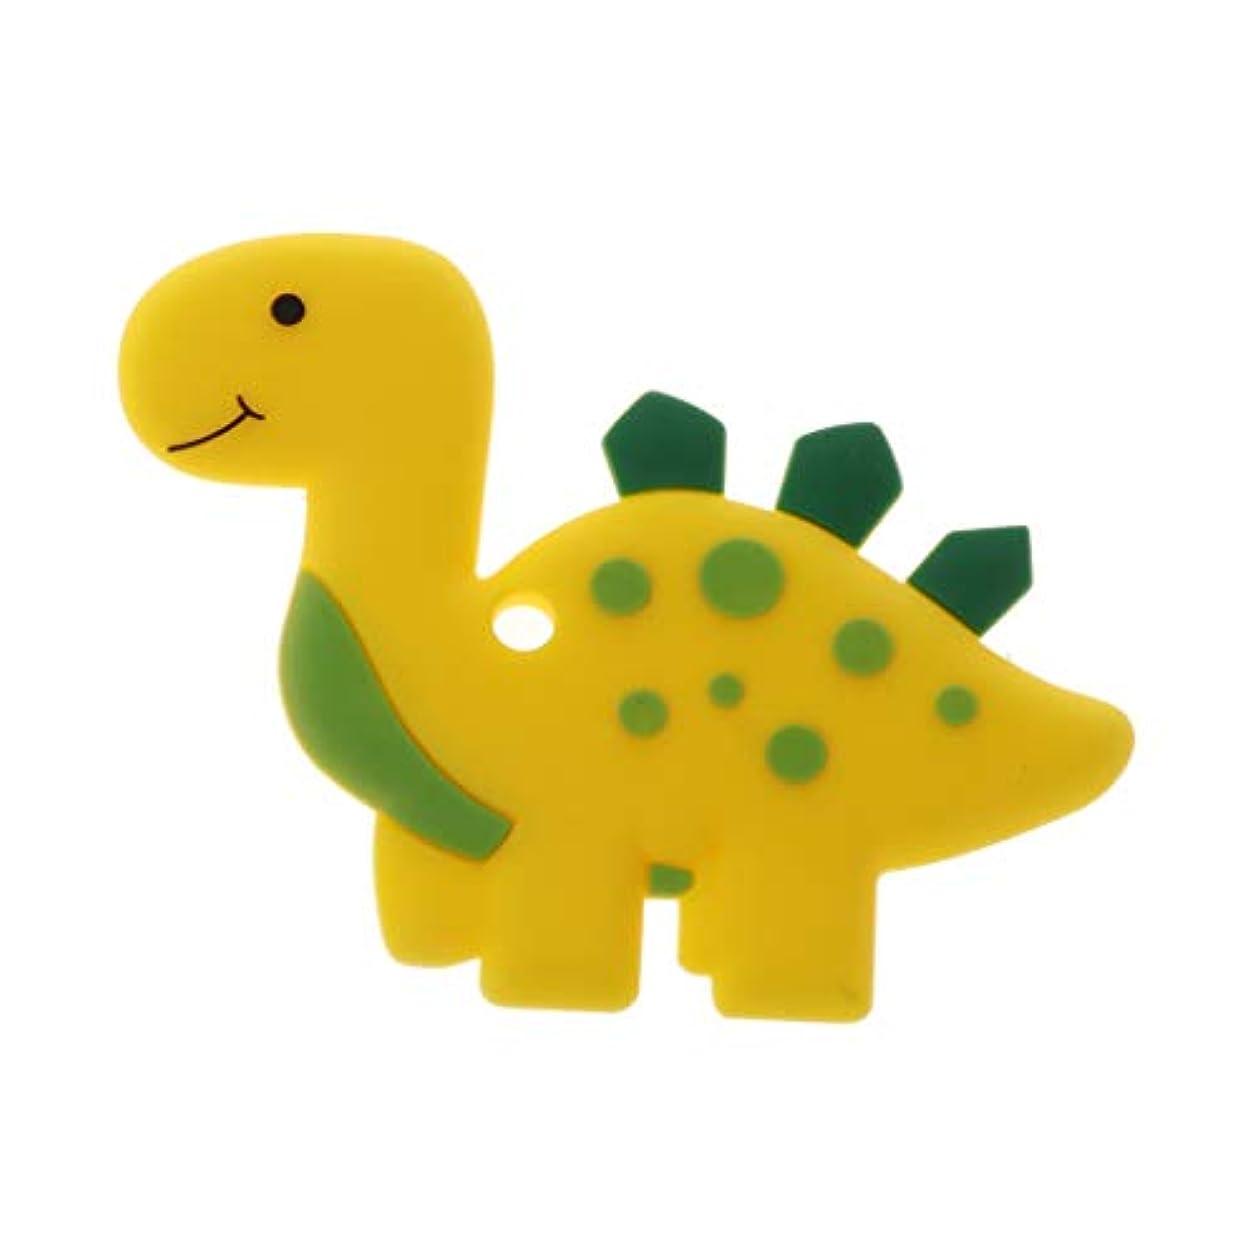 インストールひもアウトドアLanddumシリコーンおしゃぶり恐竜おしゃべり赤ちゃん看護玩具かむ玩具歯が生えるガラガラおもちゃ - ロイヤルブルー